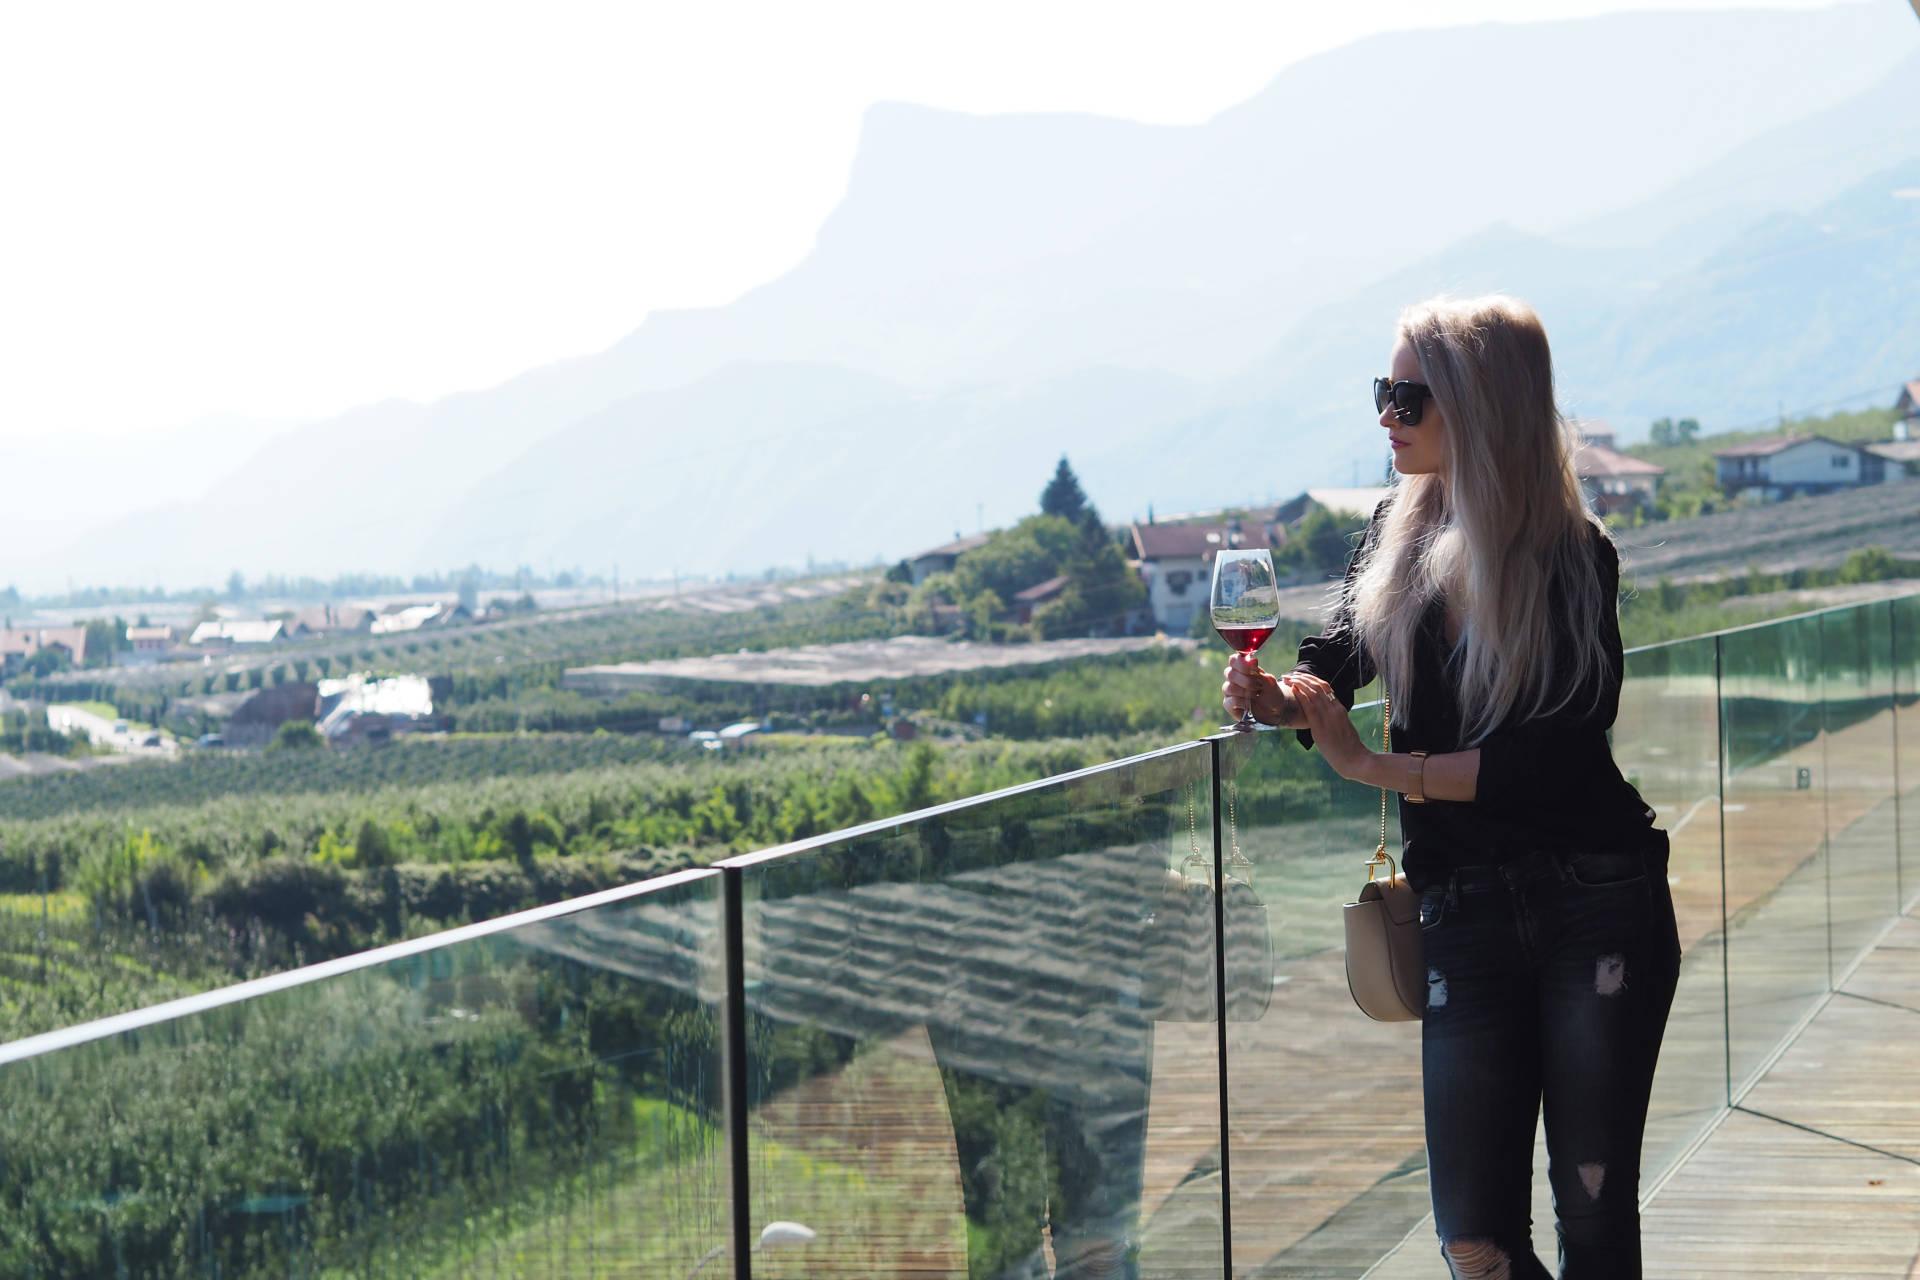 meran winery